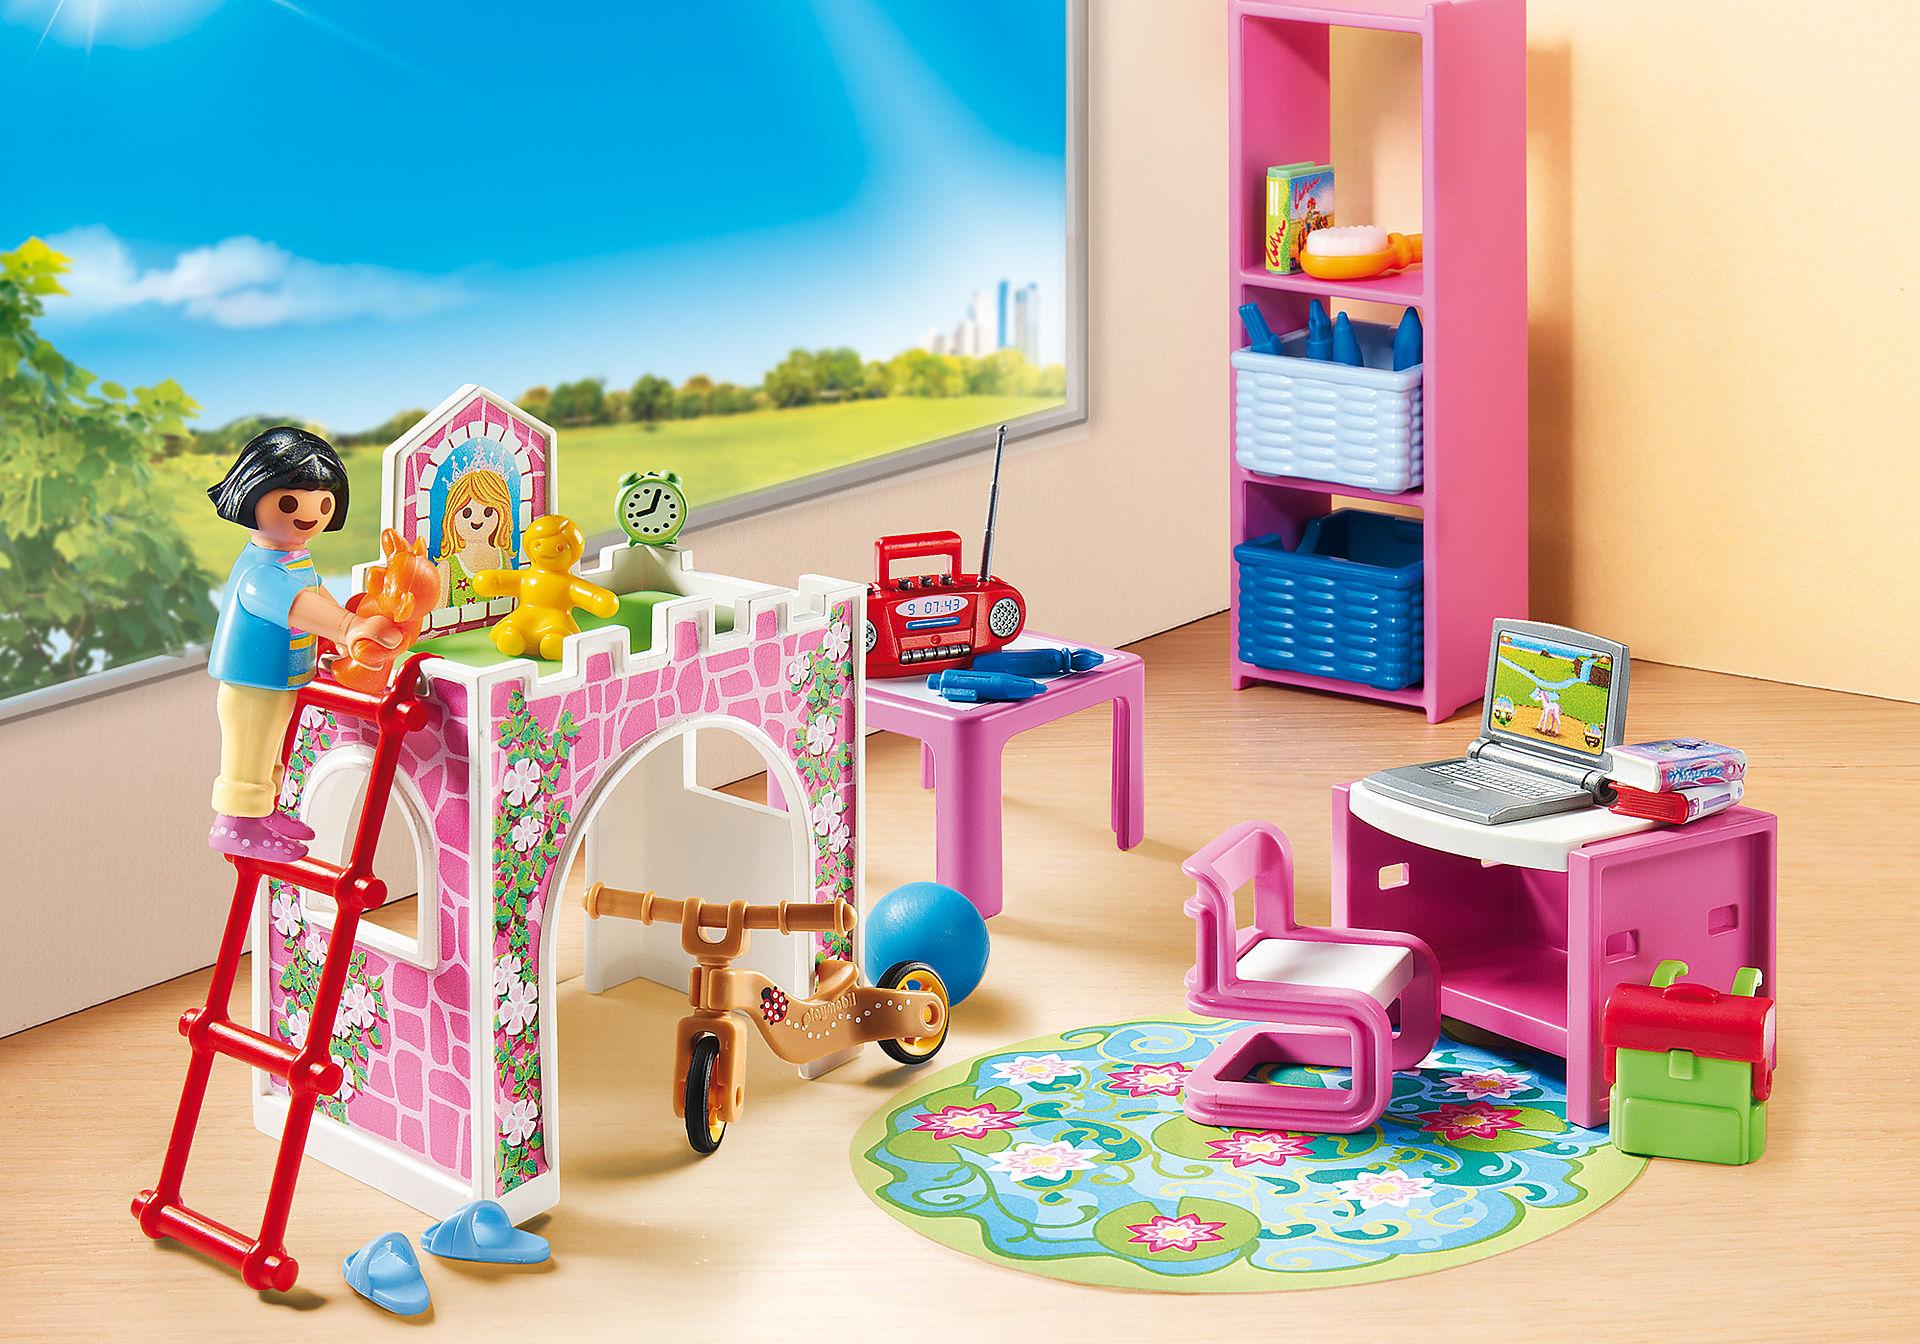 9270 Kinderkamer met hoogslaper zoom image1